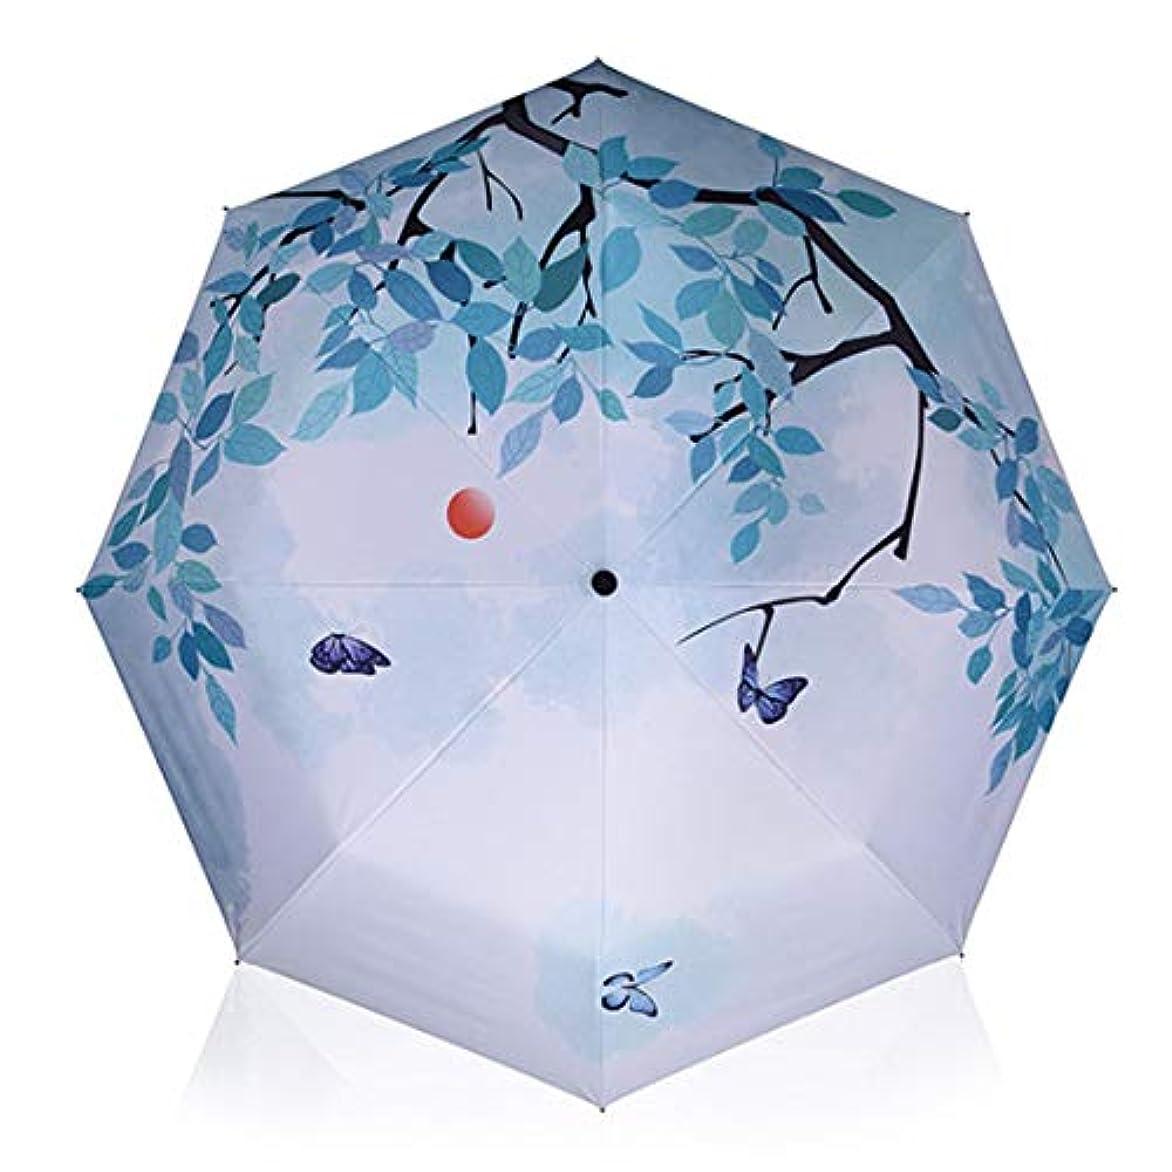 ドーム放棄する報酬HOHYLLYA ブルーツリーパターン折りたたみ日傘女性の紫外線保護傘屋外防風防水傘黒表面付き逆さ傘 sunshade (色 : ブルー)